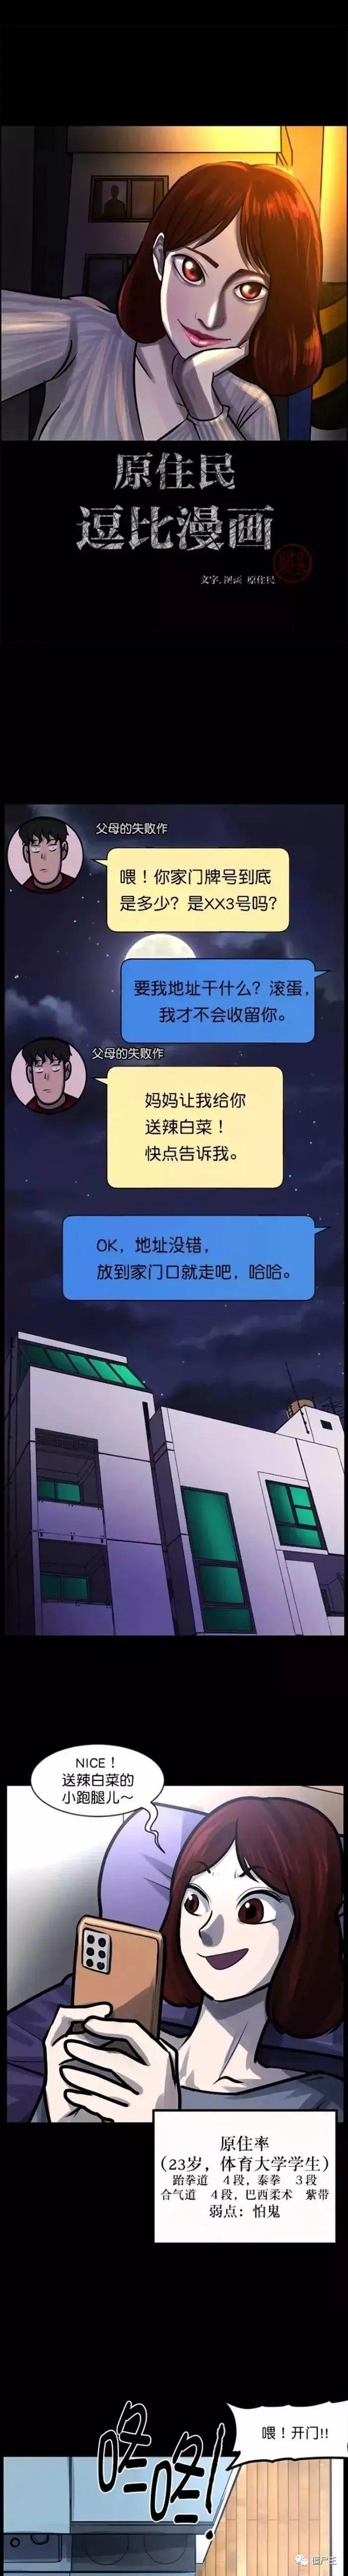 僵尸王漫画:世上哪有鬼呀?!